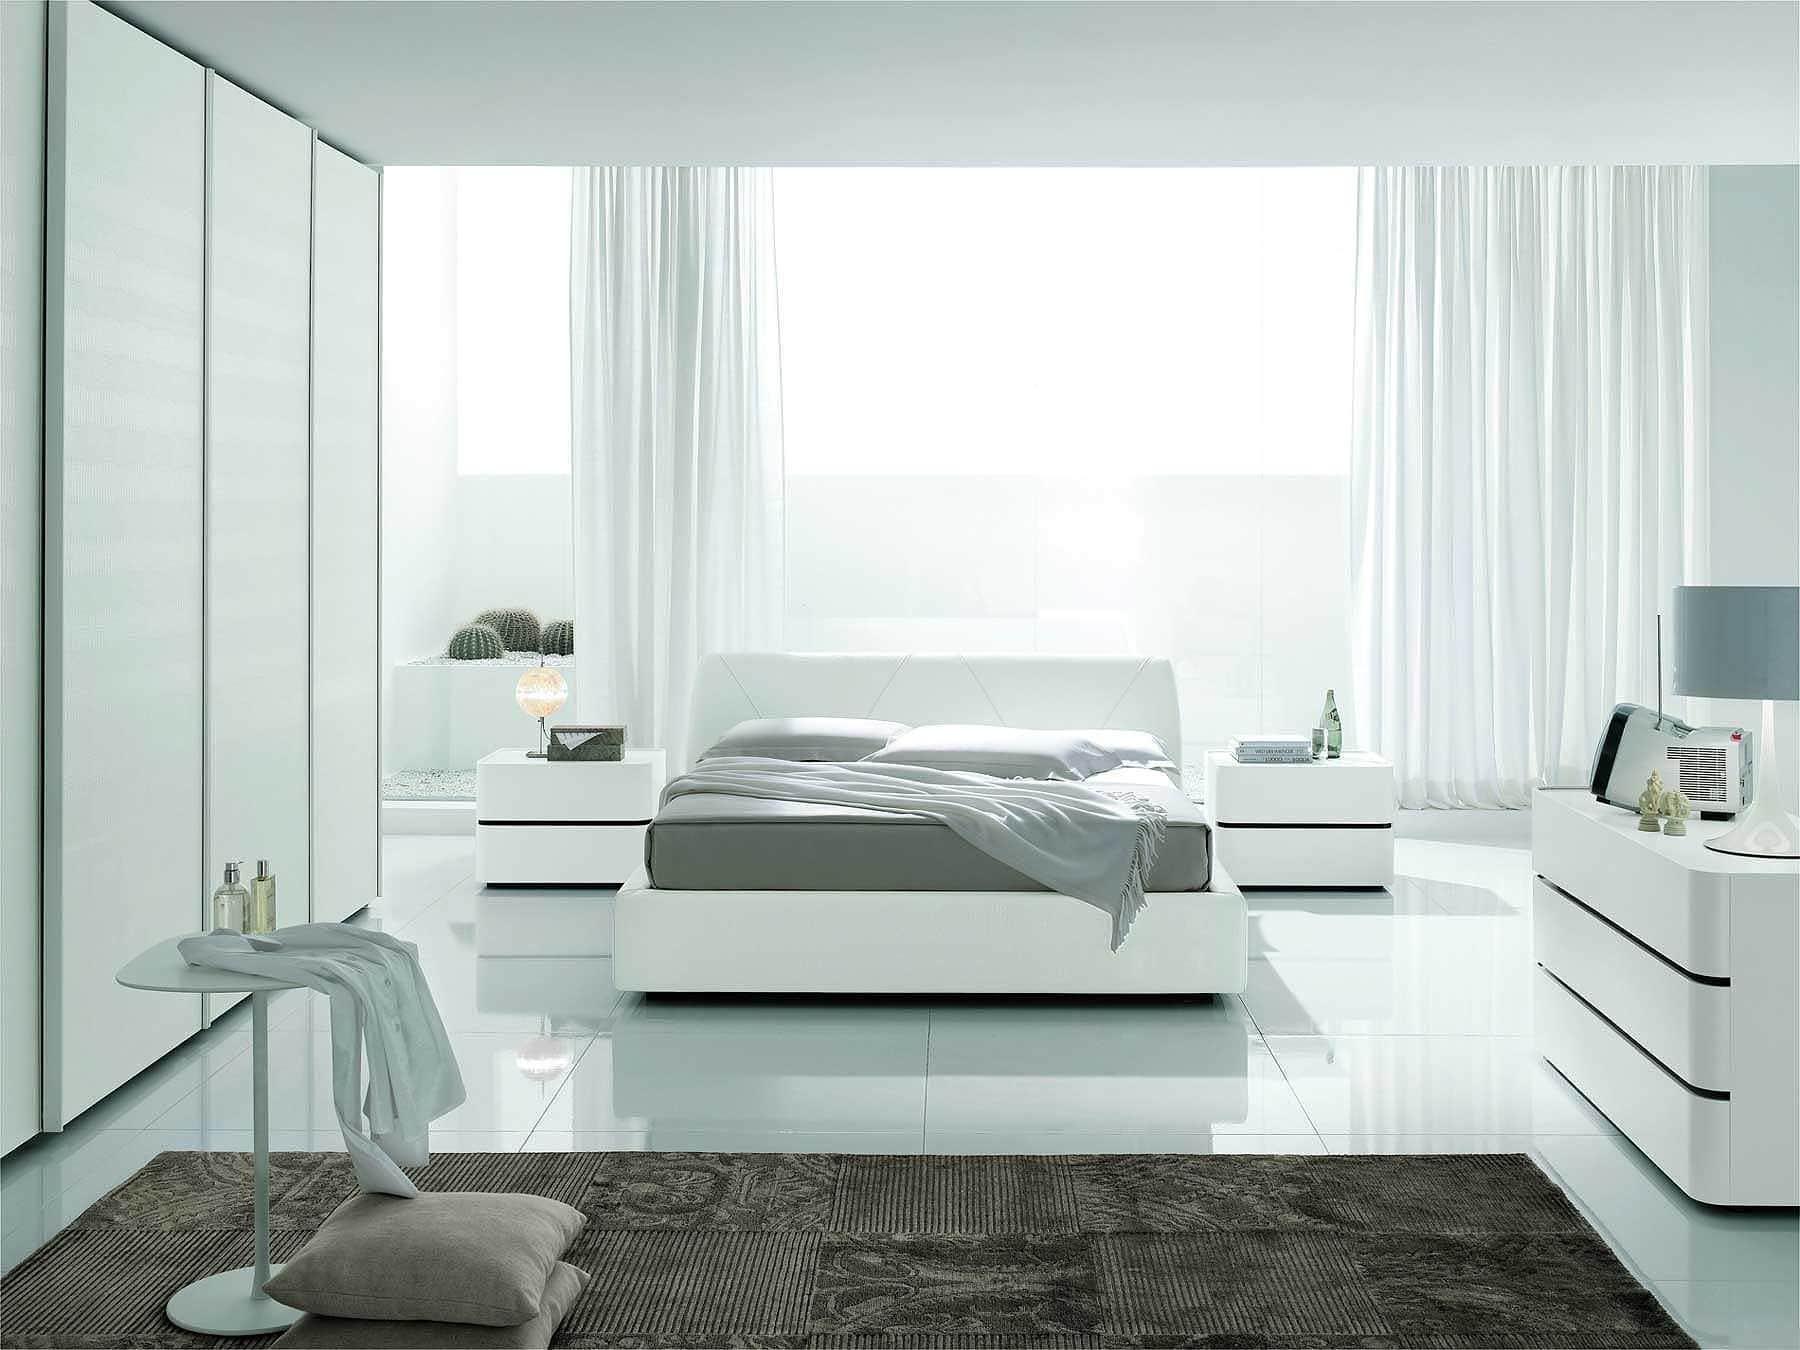 Modernes Schlafzimmerdekor – Moderne Schlafzimmerfarben und moderne Schlafzimmermöbel